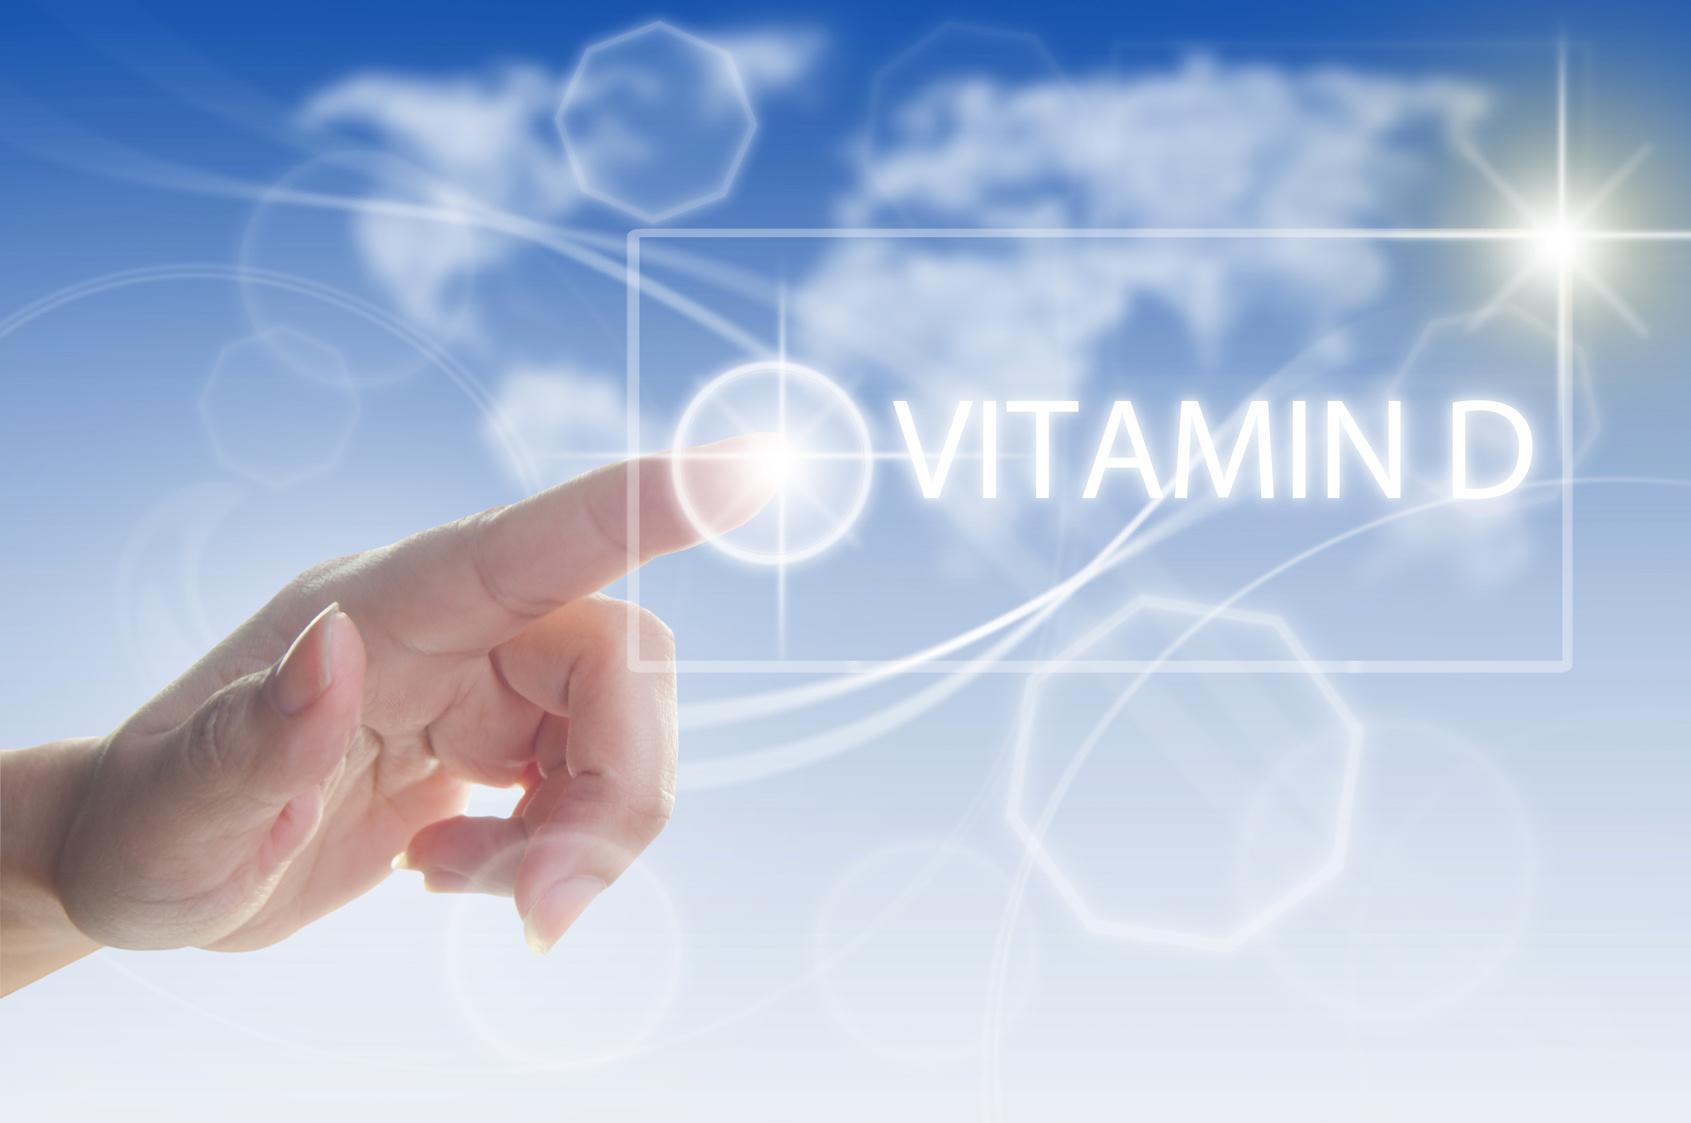 vitamina D, carenza vitamina d, alimenti con vitamina d, vitamina d dove si trova, osteoporosi, osteoporosi cura, sole